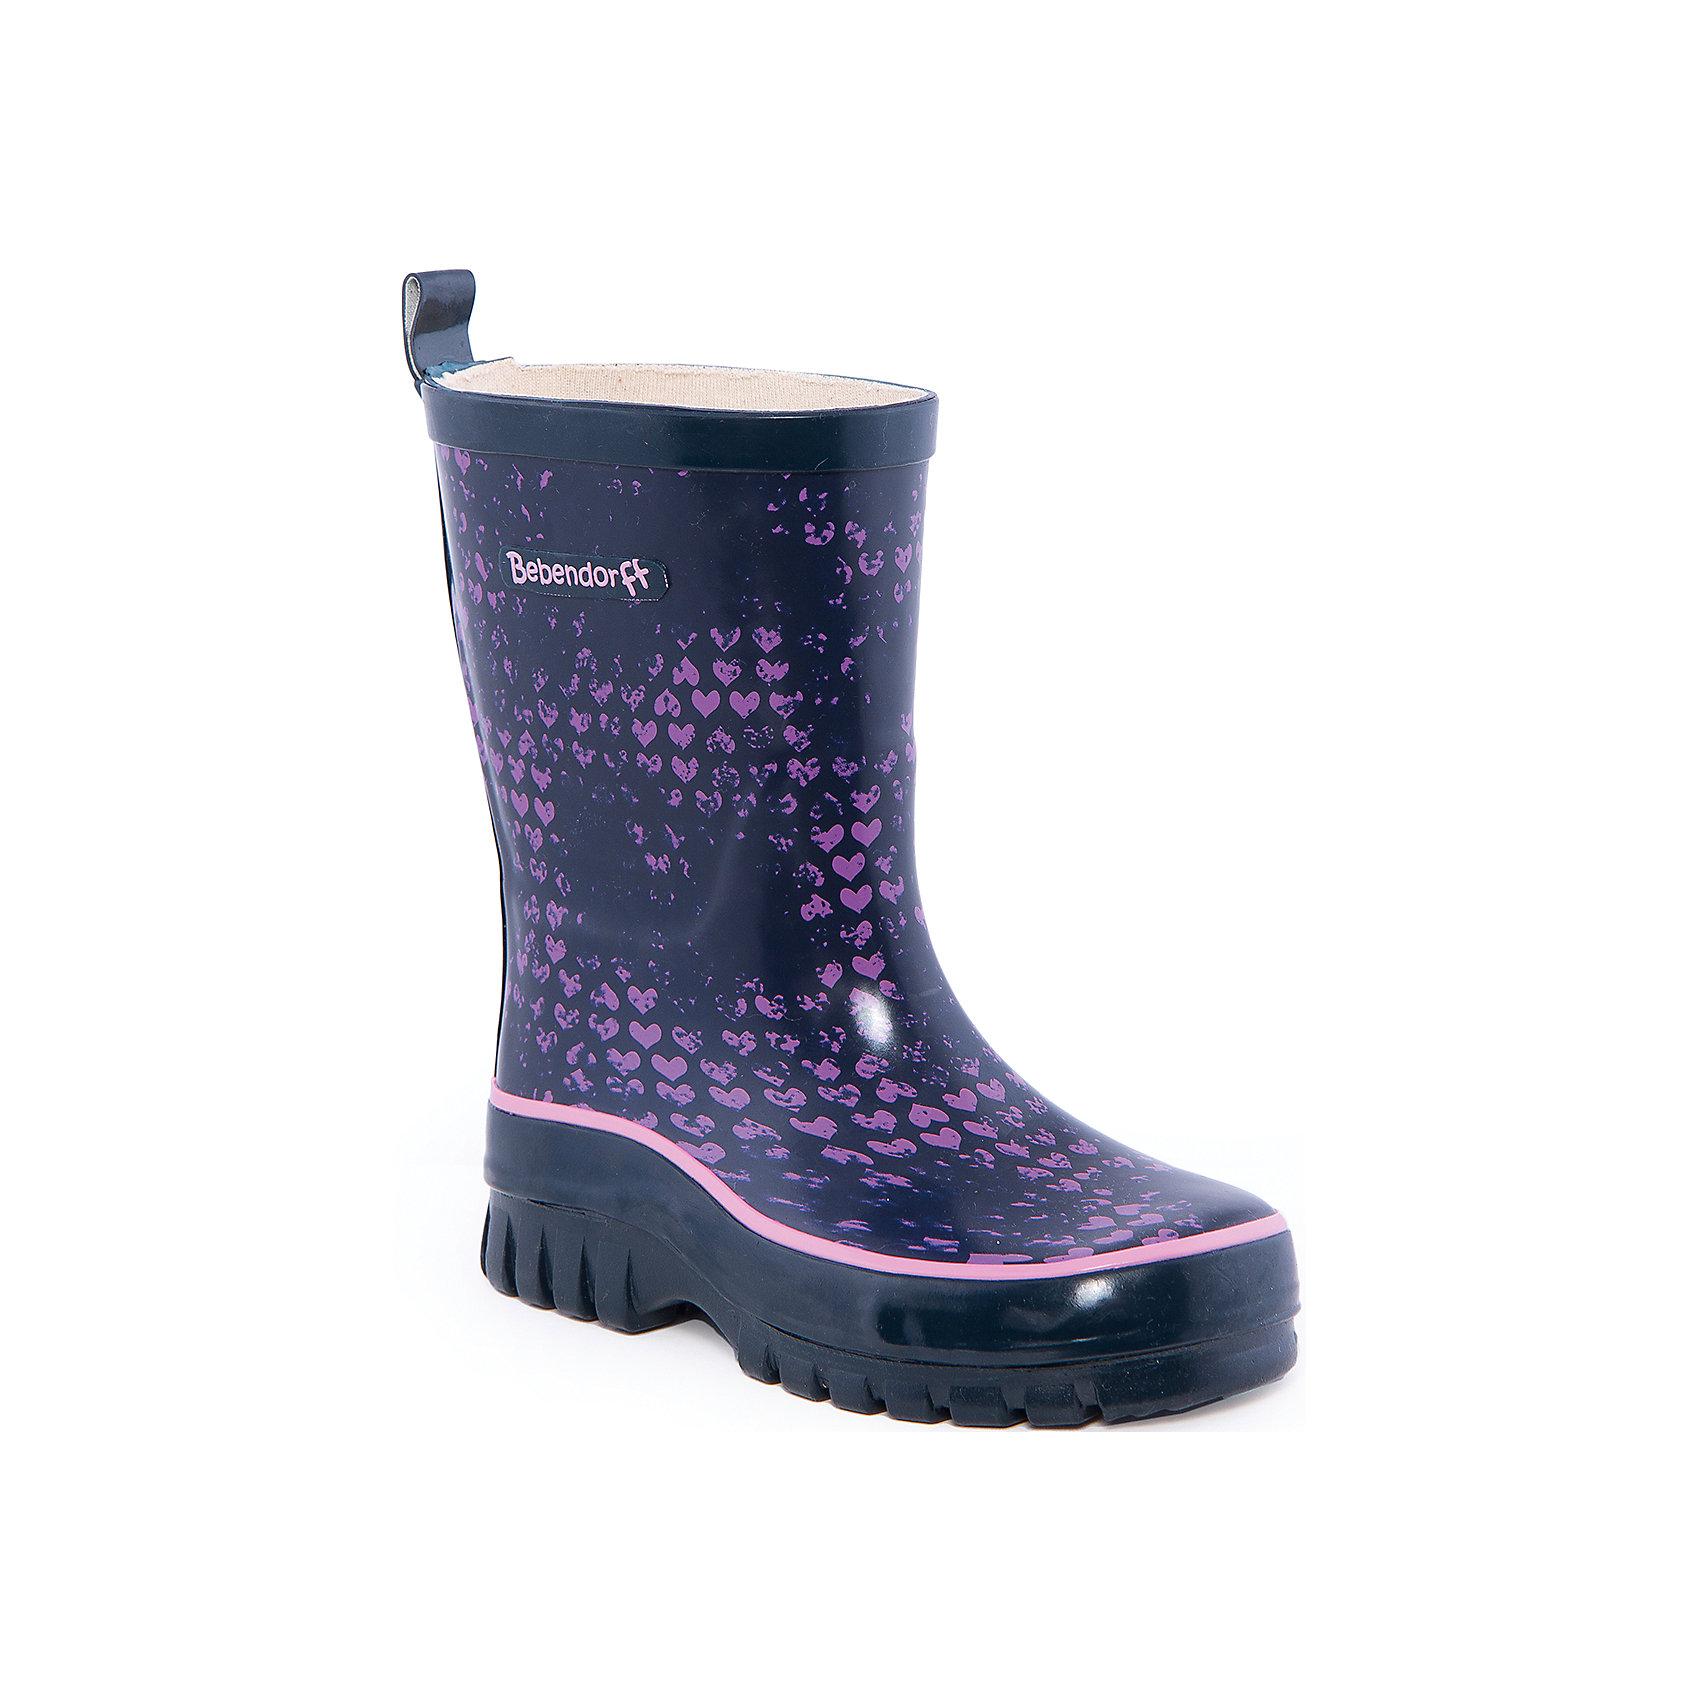 Резиновые сапоги для мальчика BebendorffРезиновые сапоги<br>Резиновые сапоги для мальчика от известного бренда Bebendorff<br><br>Стильные и прочные сапоги сделаны из качественной резины. Они позволят защитить ноги ребенка от сырости и обеспечат комфорт. Высокое голенище  с утяжкой защитит одежду от грязи и влаги.<br><br>Отличительные особенности модели:<br><br>- цвет: черный;<br>- удобная колодка;<br>- высокое голенище;<br>- качественные материалы;<br>- толстая устойчивая подошва;<br>- хлопковая подкладка;<br>- декорированы ярким принтом;<br>- подошва рифленая.<br><br>Дополнительная информация:<br><br>Температурный режим: от + 5° С до + 20° С.<br><br>Состав:<br>верх - резина;<br>подкладка - хлопок;<br>стелька - хлопок;<br>подошва - резина.<br><br>Резиновые сапоги для мальчика Bebendorff (Бебендорф) можно купить в нашем магазине.<br><br>Ширина мм: 237<br>Глубина мм: 180<br>Высота мм: 152<br>Вес г: 438<br>Цвет: черный<br>Возраст от месяцев: 108<br>Возраст до месяцев: 120<br>Пол: Мужской<br>Возраст: Детский<br>Размер: 33,30,34,32,31<br>SKU: 4554545